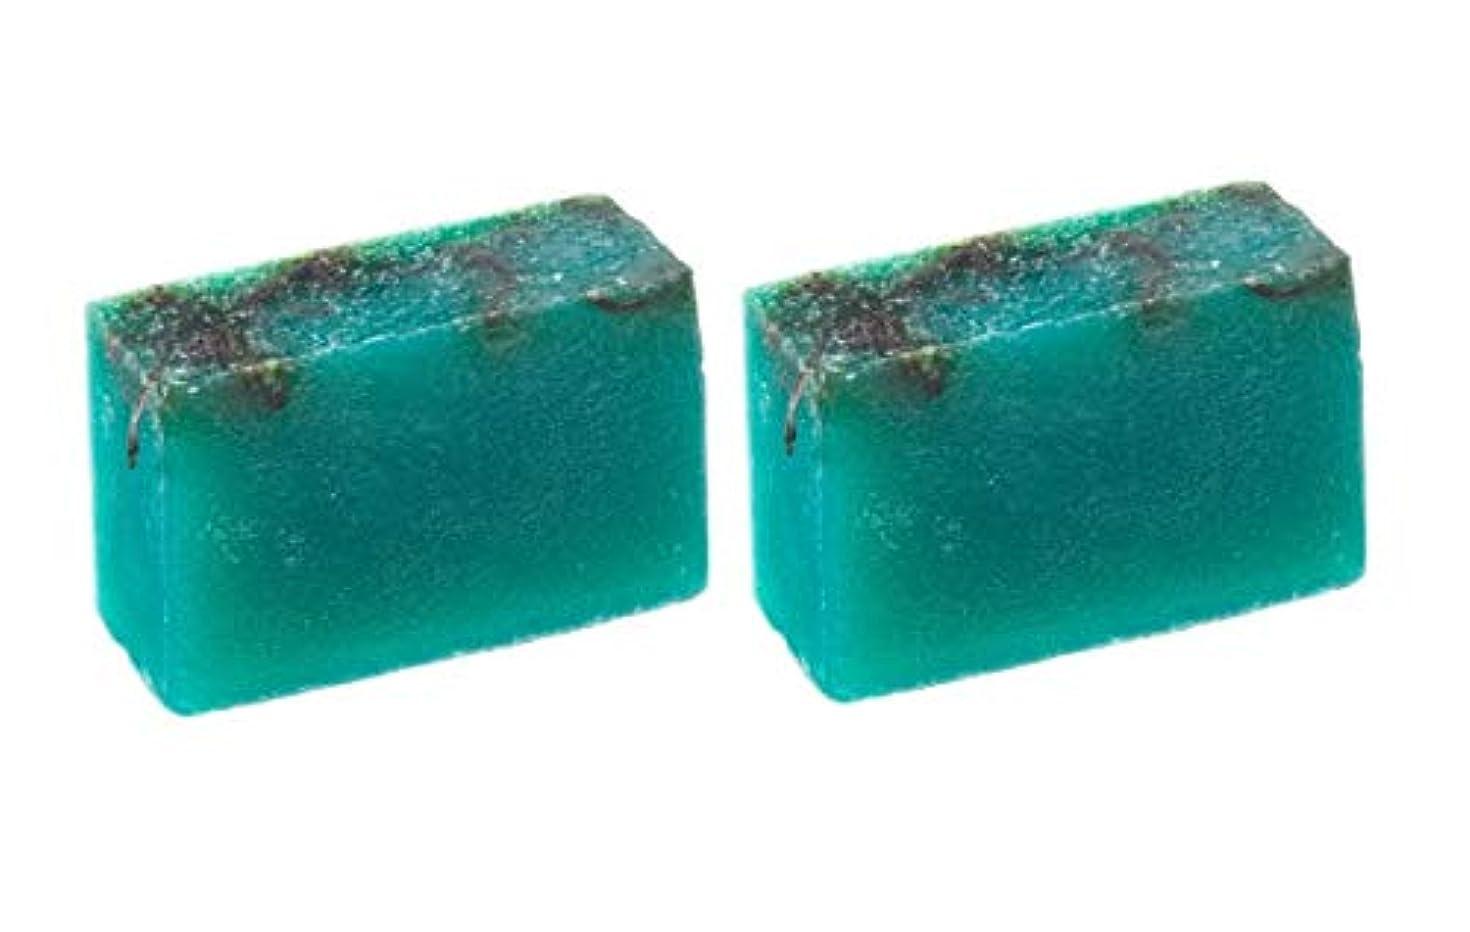 基礎バージン性能LUSH ラッシュ シーベジタブル(100g)×2個セット フレッシュなライムの後にラベンダーの優しい香りソープ